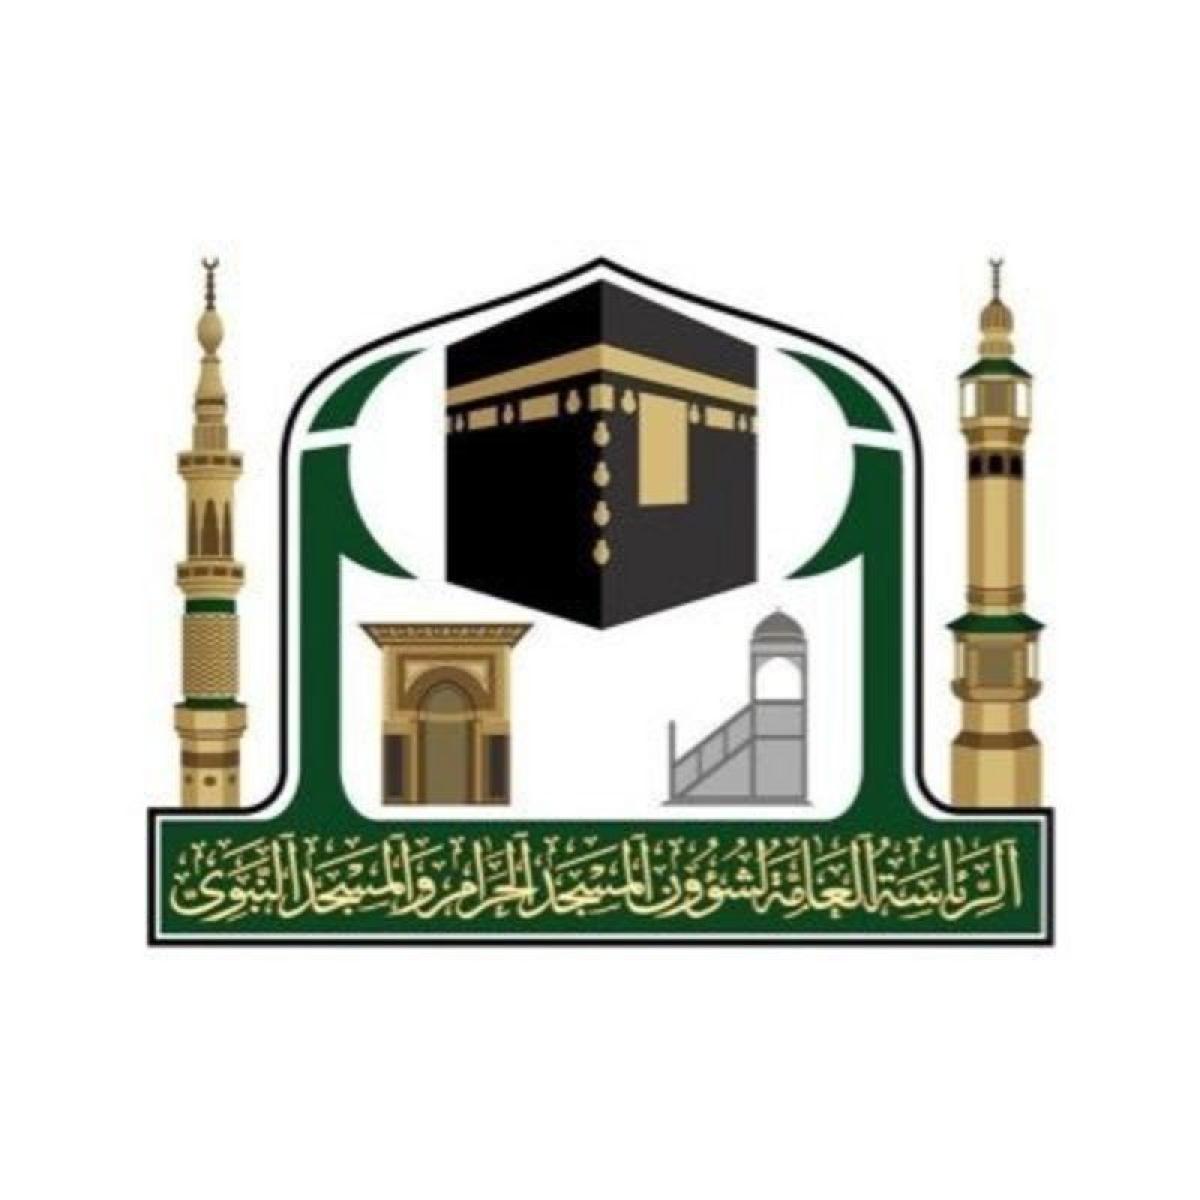 رئاسة الحرمين تعلن توفر وظائف موسمية مؤقتة بالمسجد الحرام